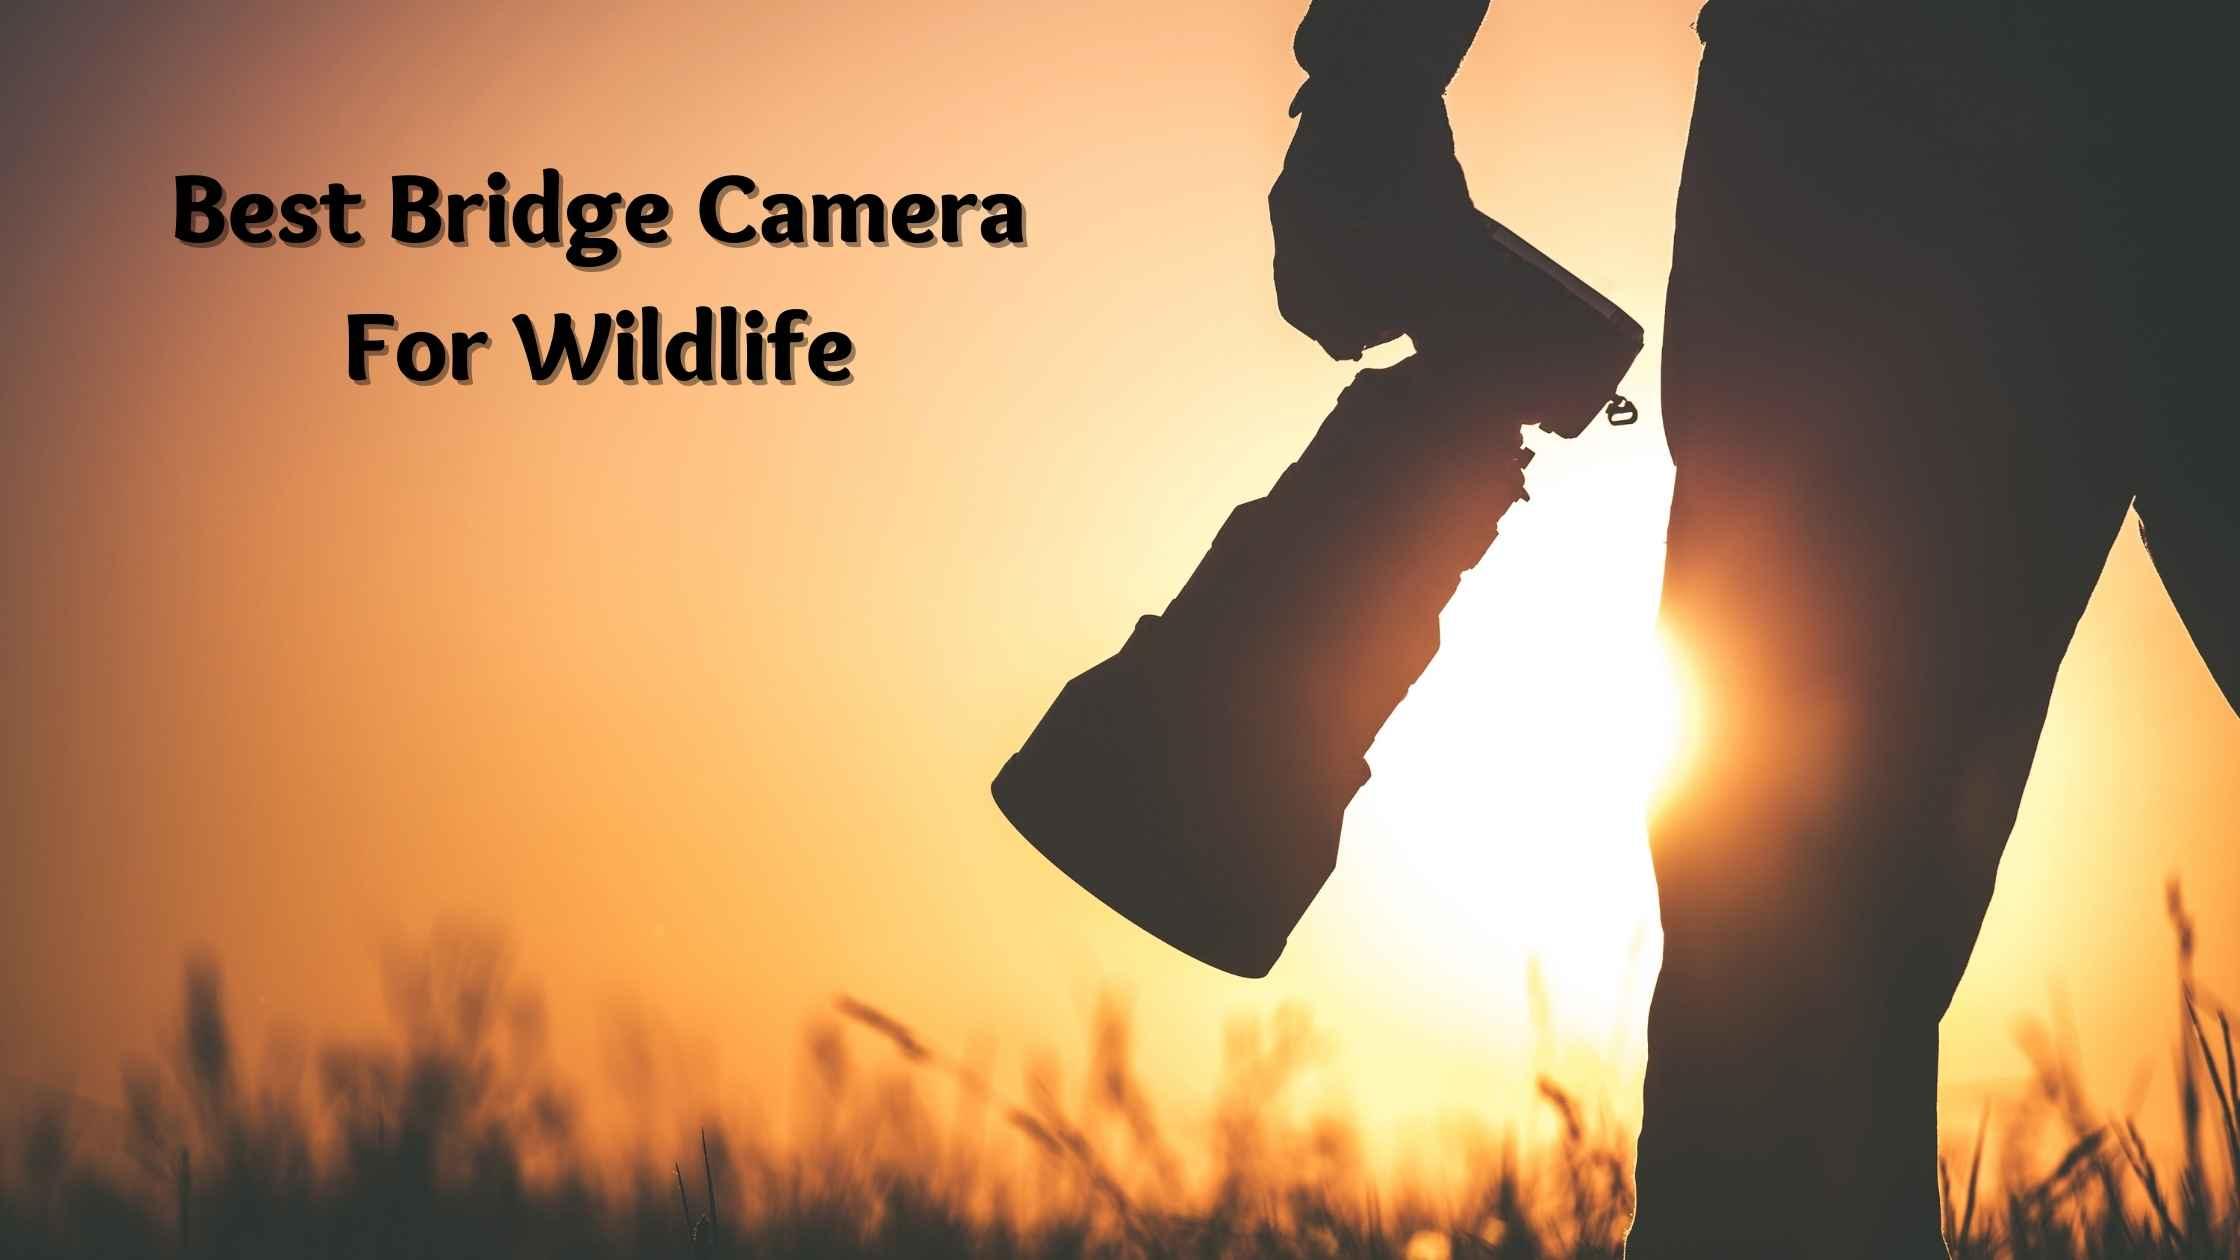 Best Bridge Camera For Wildlife